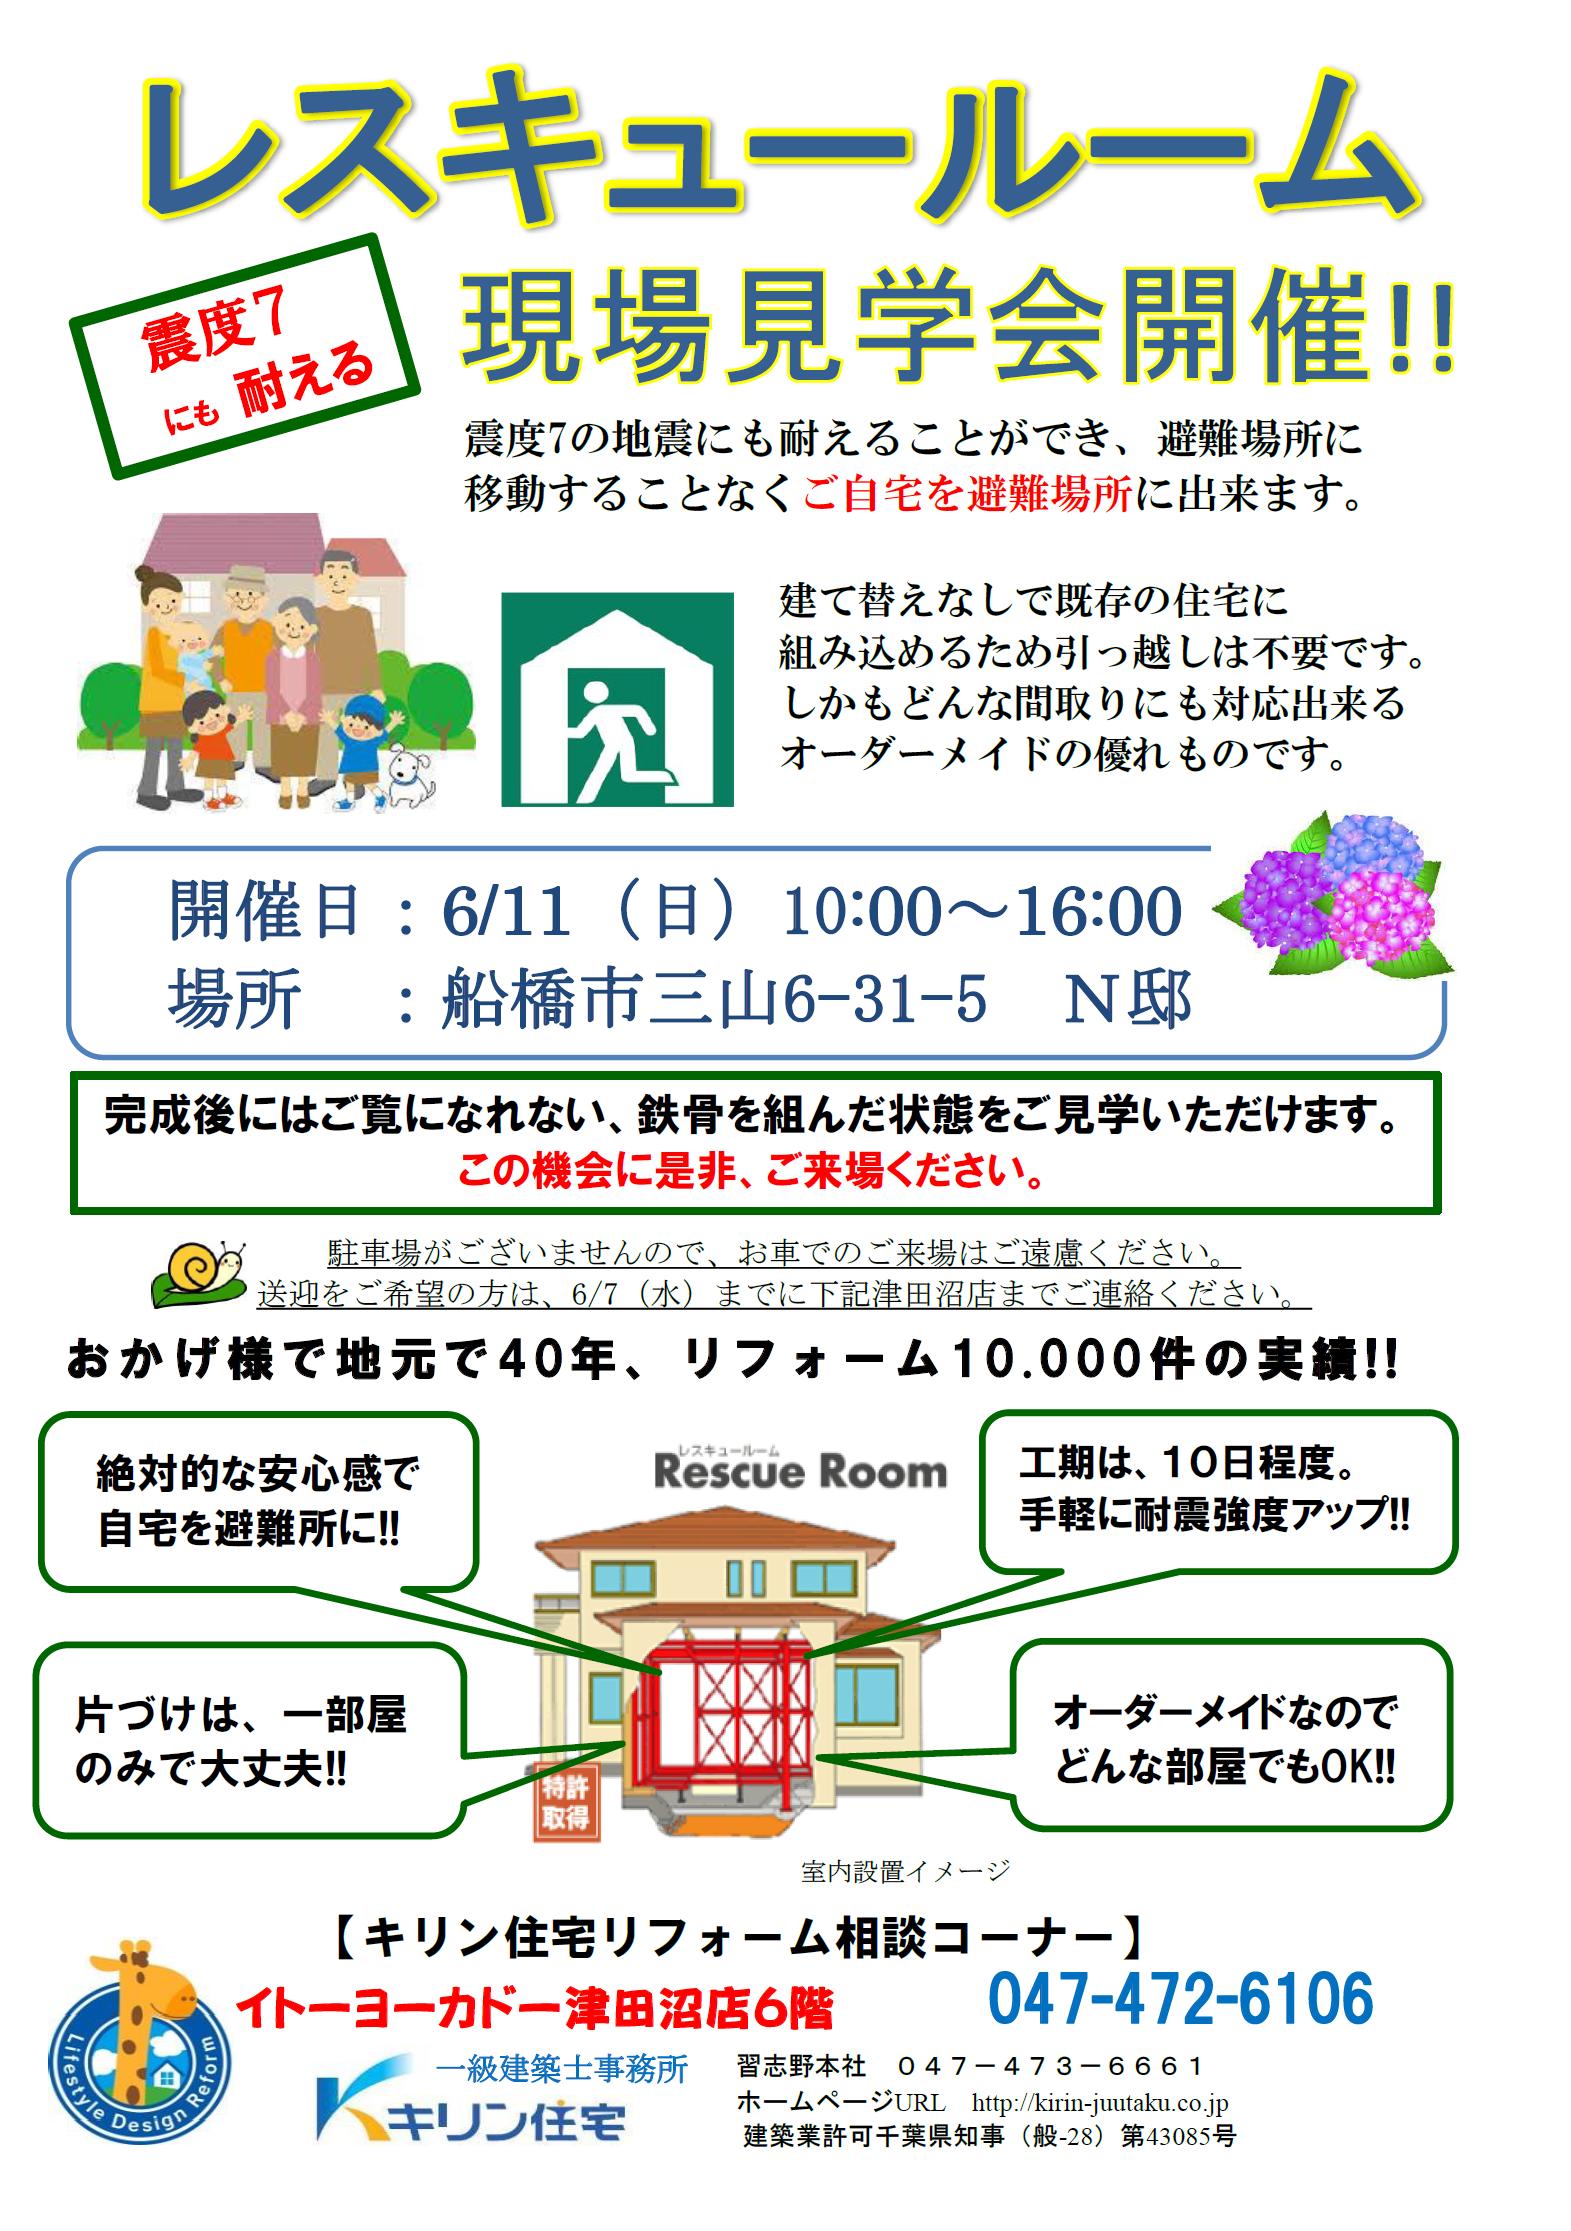 船橋市三山 レスキュールーム現場見学会開催!